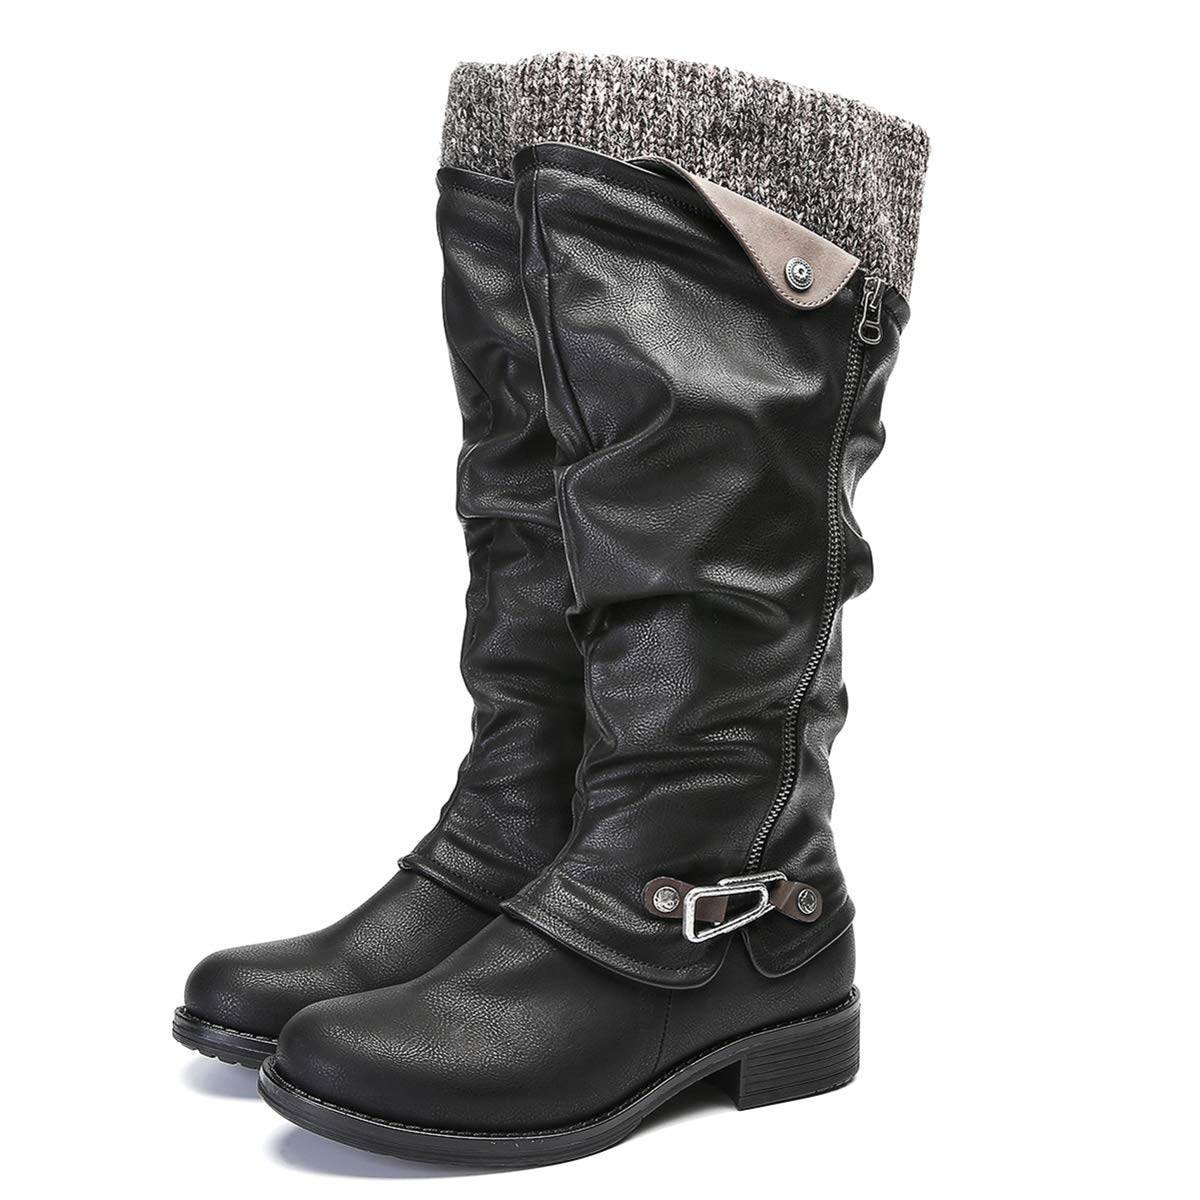 Botas Altas de Anvierno para Mujeres,Camfosy Botas de Nieve de con Tacones Planos de Piel Sint/ética de Piel Botas con Tobillo de Jinete Bajo C/ómodos Zapatos de Ciudad Peludos 2018 Negro Gris Marr/ón